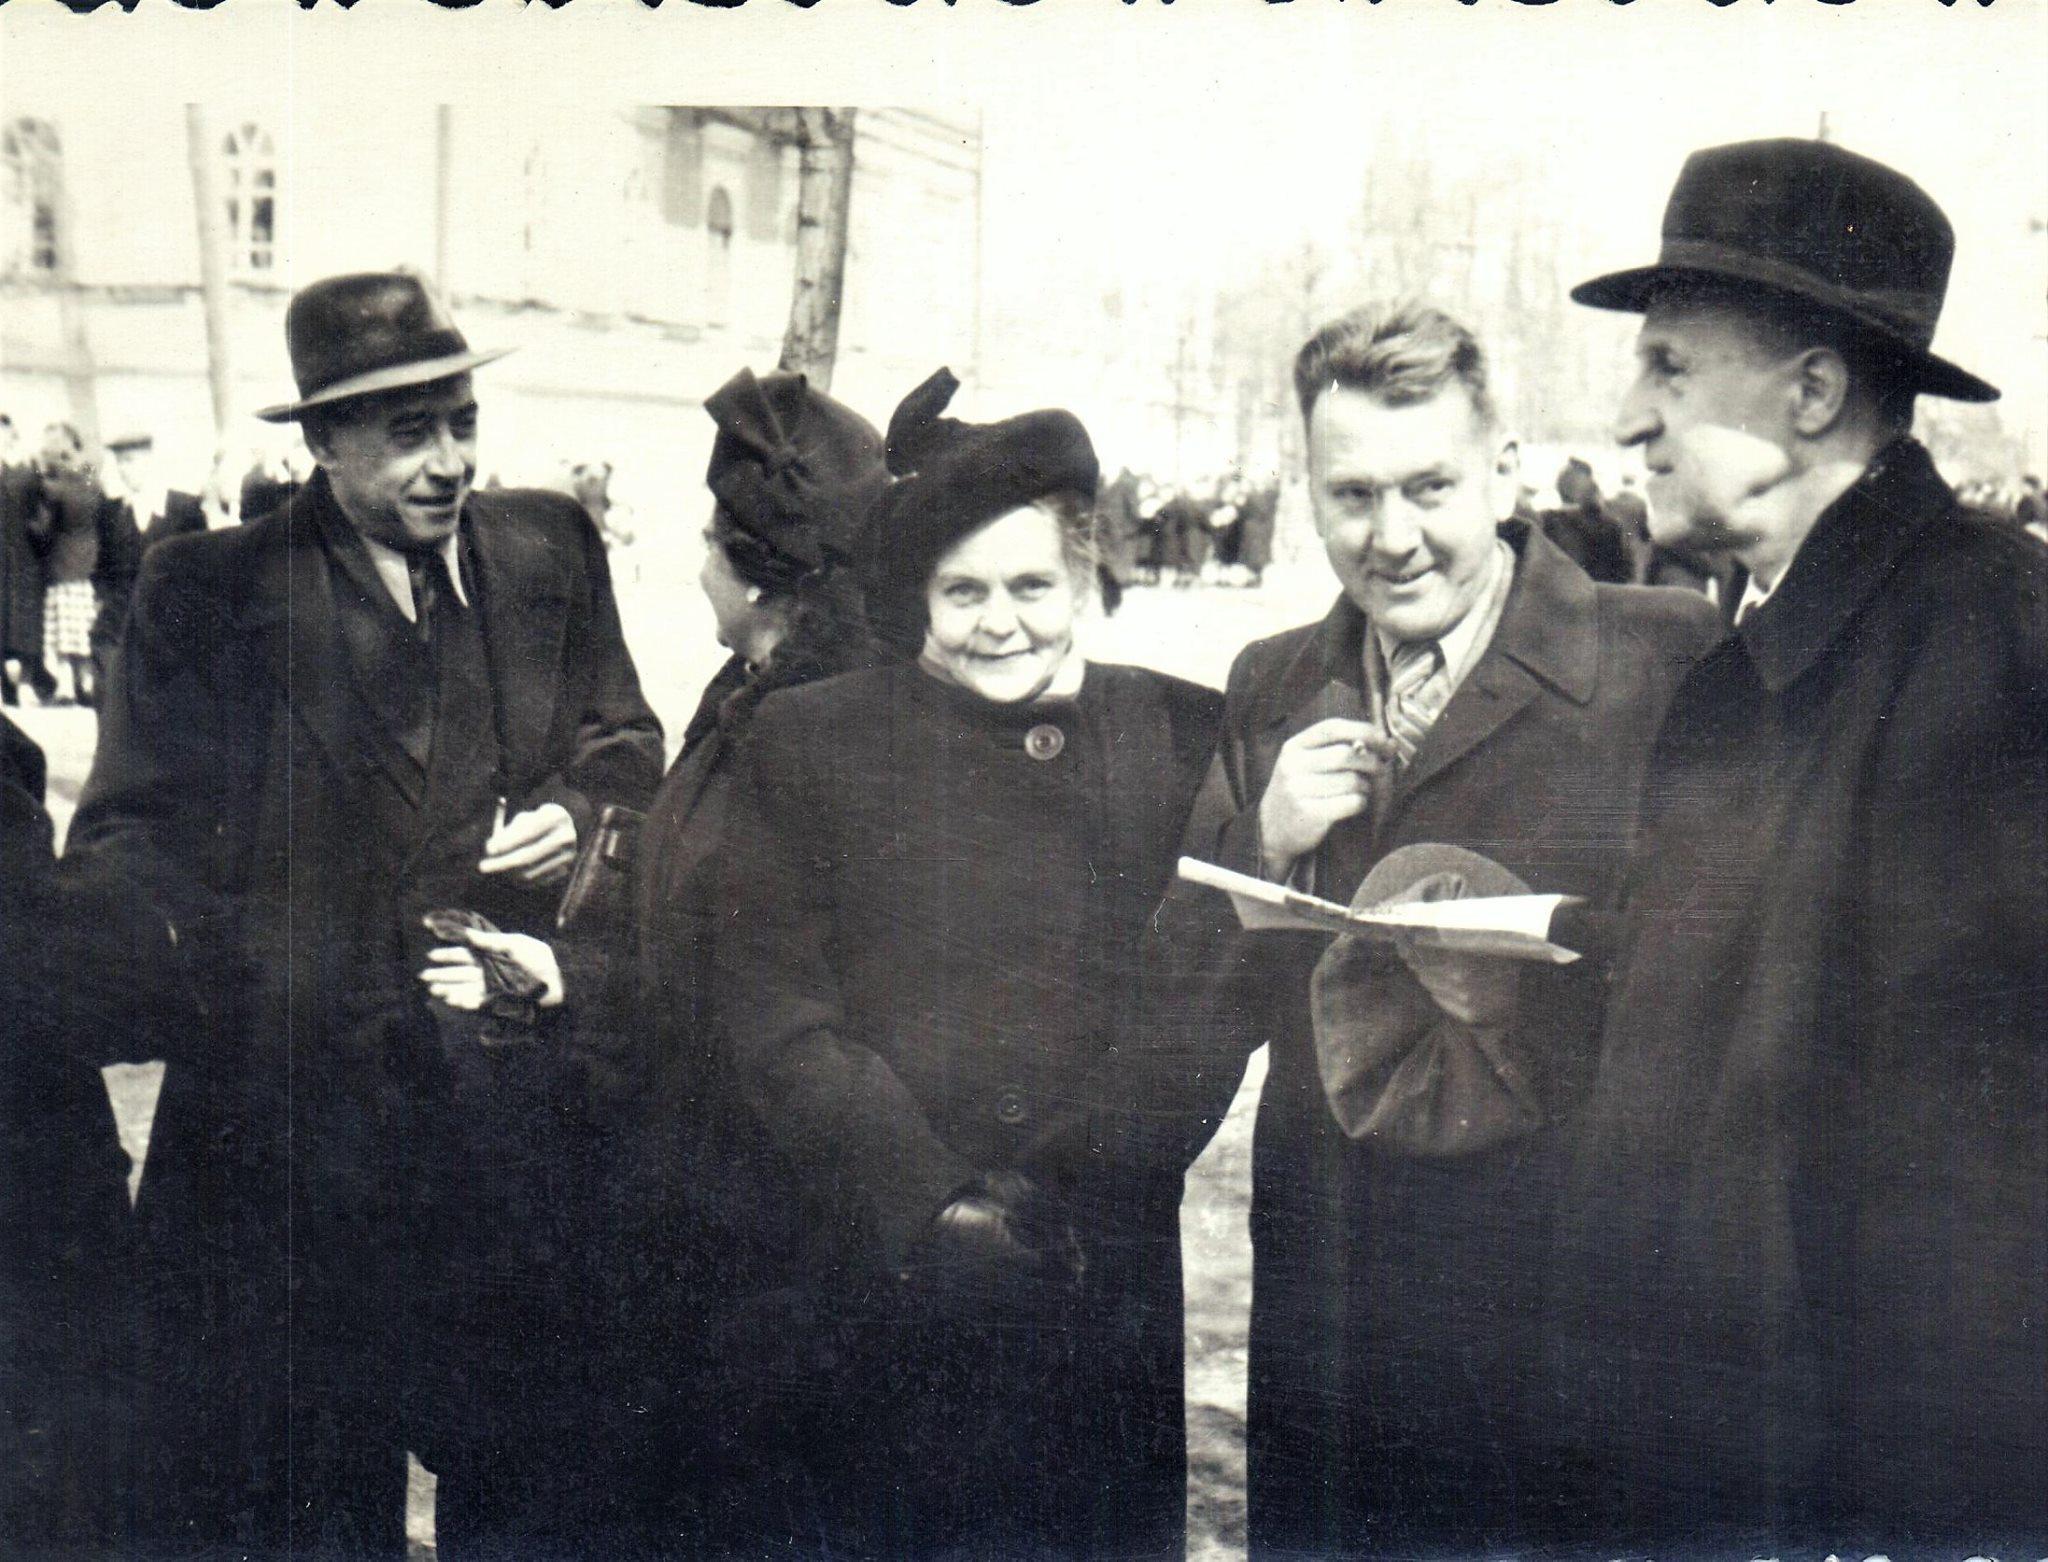 1954. Мединститут на демонстрации 1 мая